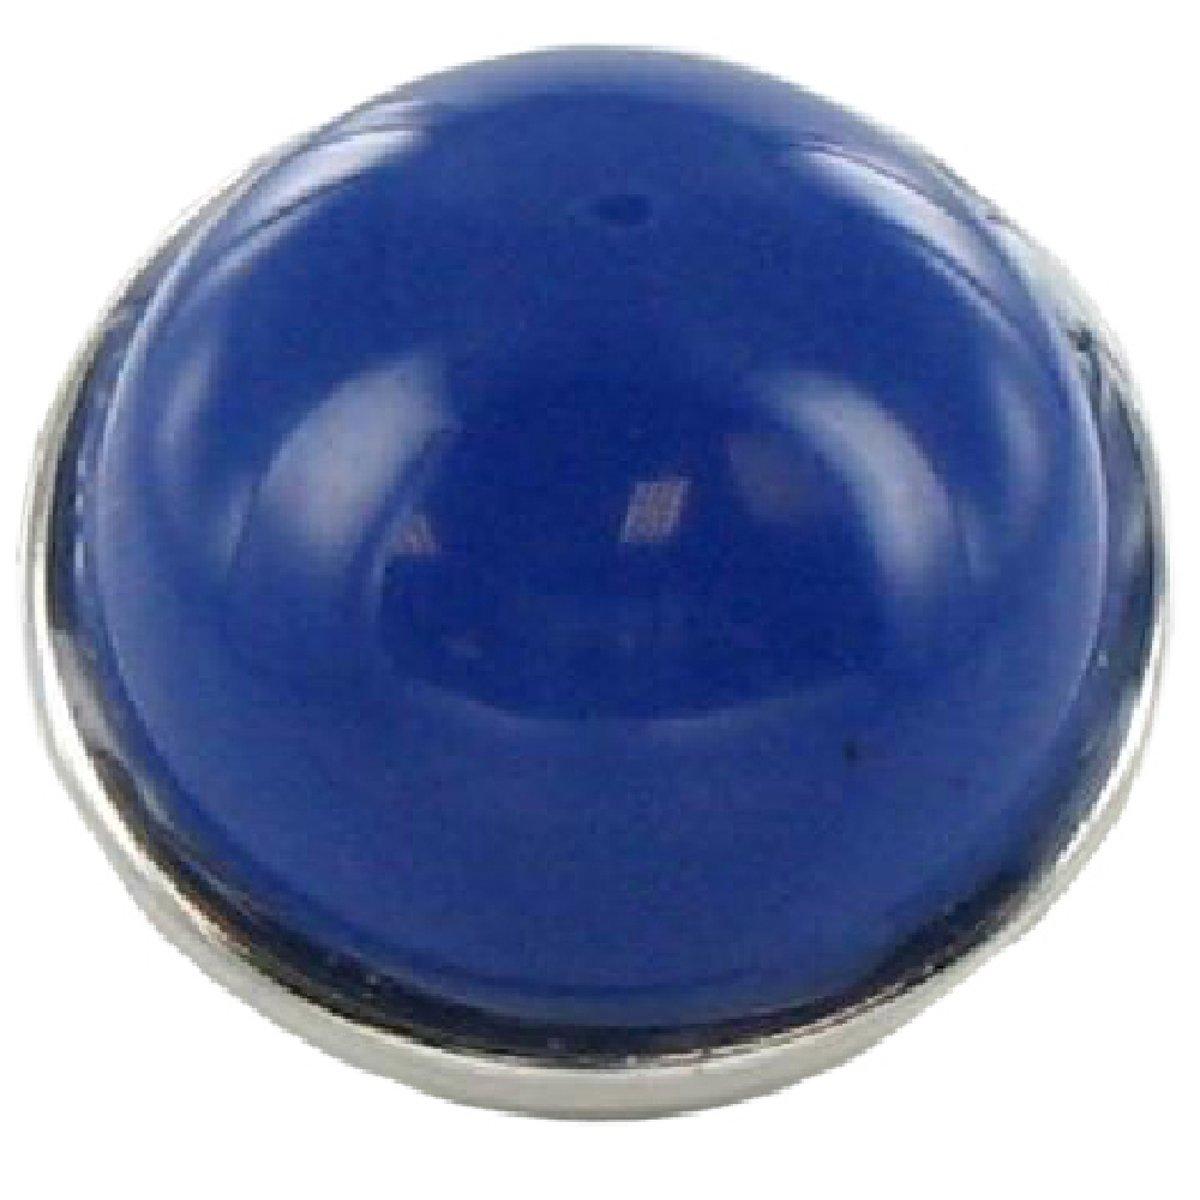 Quiges - Drukknoop 18mm Natuursteen Blauw - EBCM227 kopen